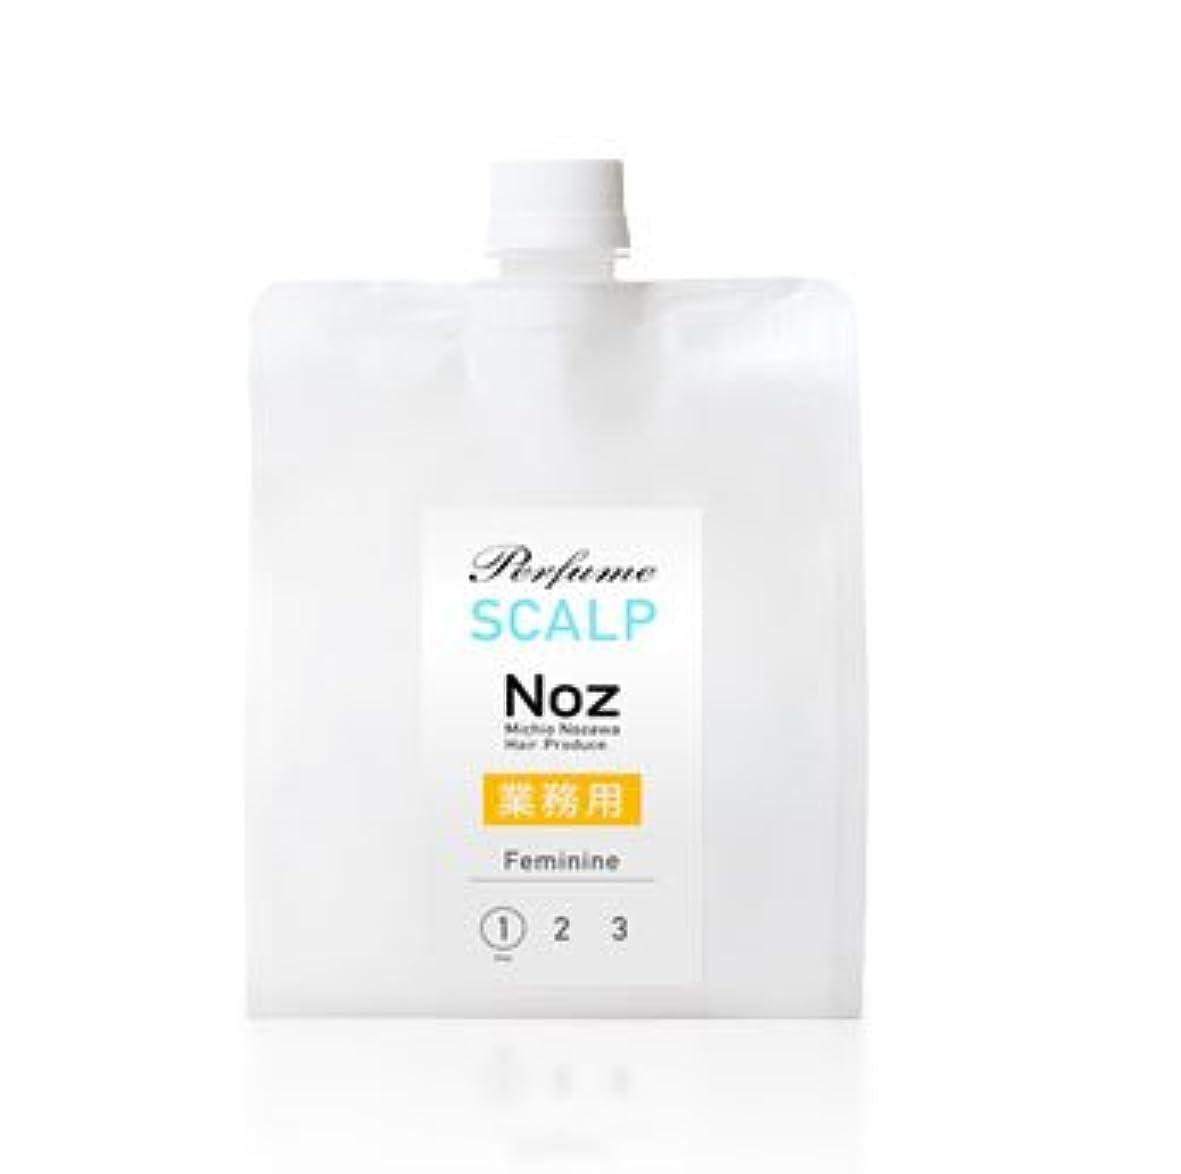 有益バイナリ珍しいNoz ノズ スカルプ シャンプー (フェミニン) 業務用パウチ